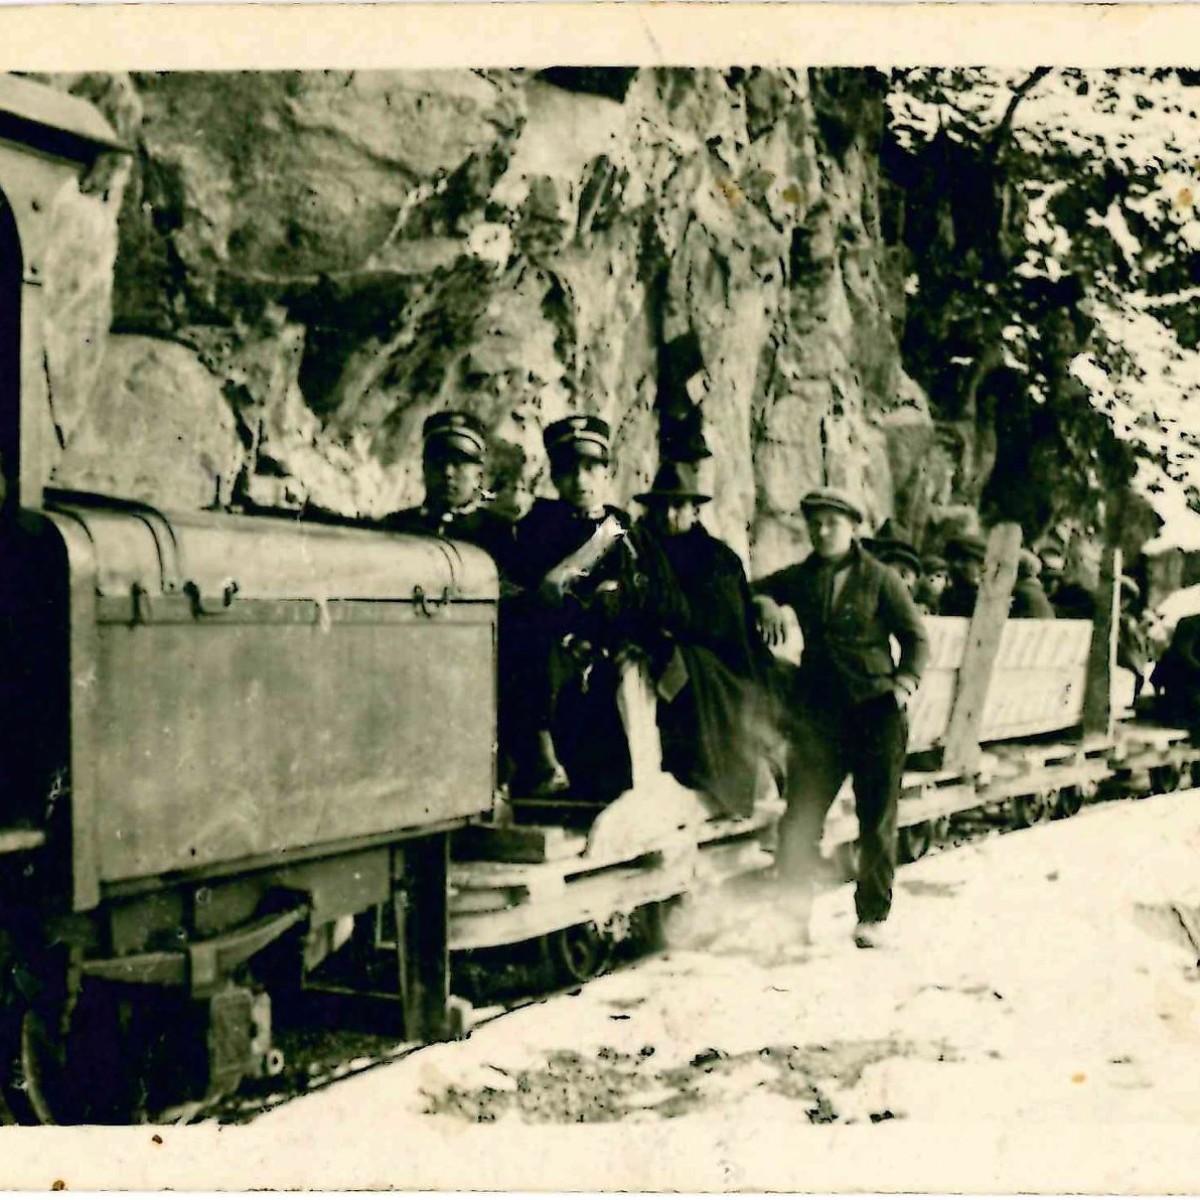 Carabinieri in posa sul trenino dei lavori_Fronte